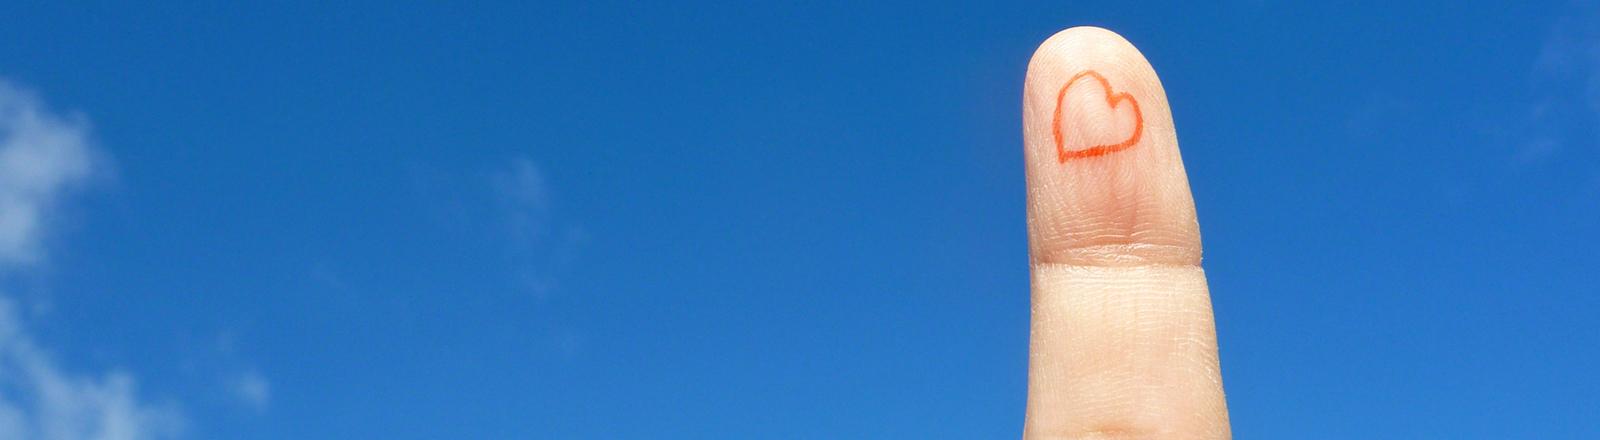 Ein Finger auf dem ein rotes Herz gemalt ist vor blauem Himmel.